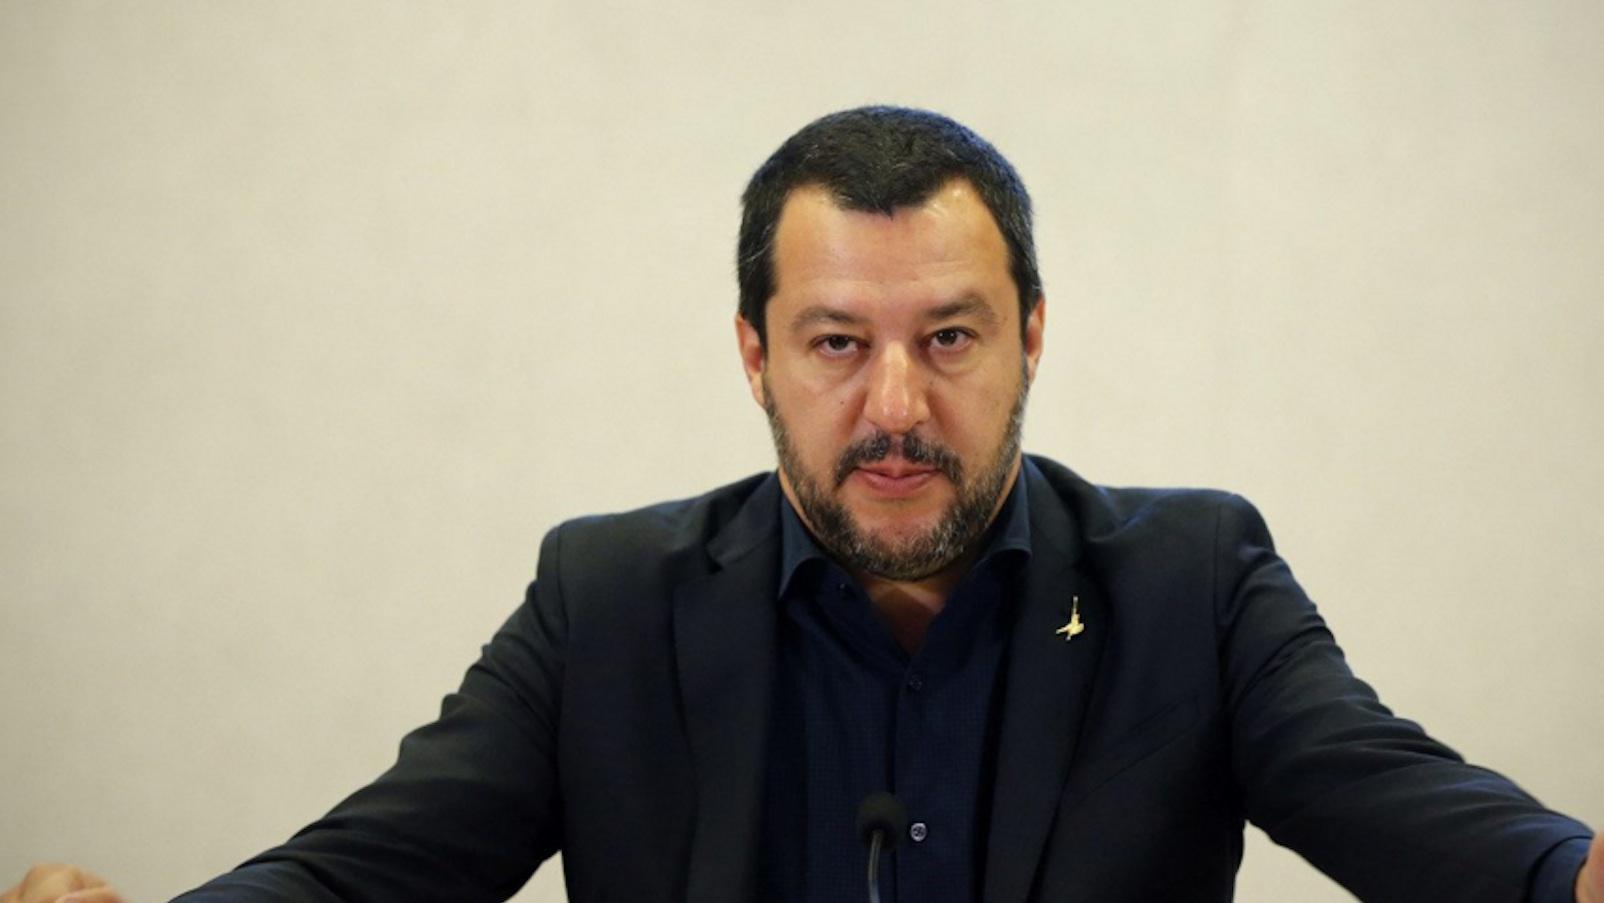 Salvini, in lacrime la professoressa sospesa: 'Ho speso la vita per la scuola'